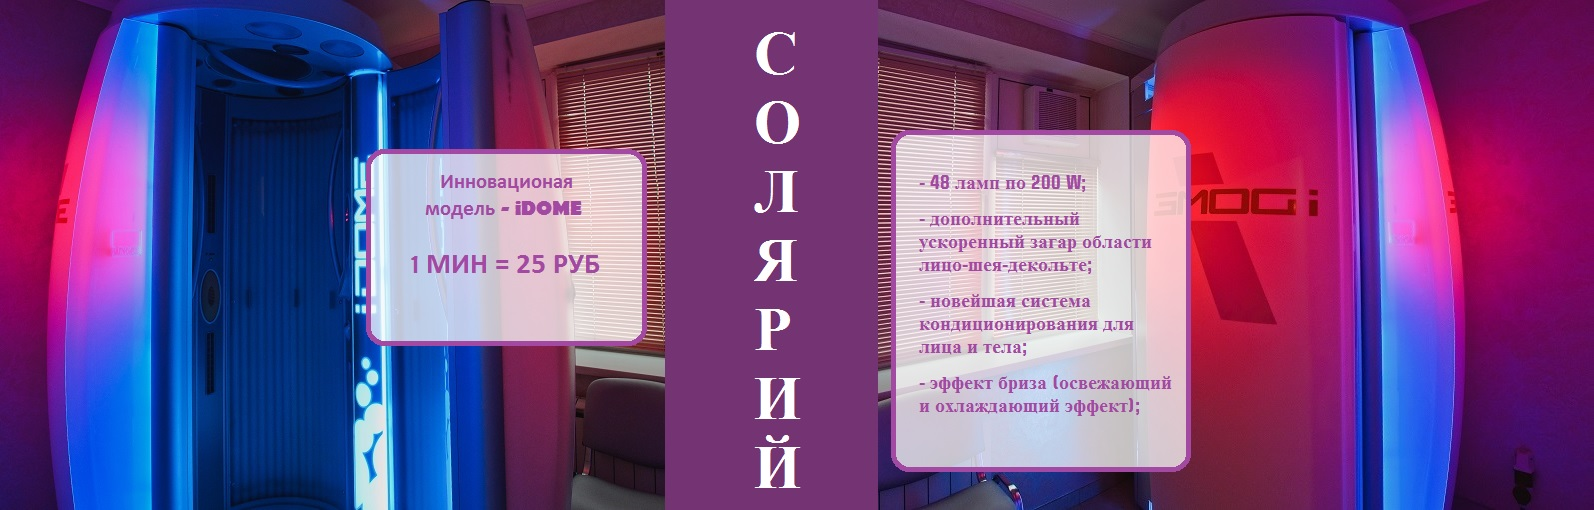 Ювентус центр эстетической медицины